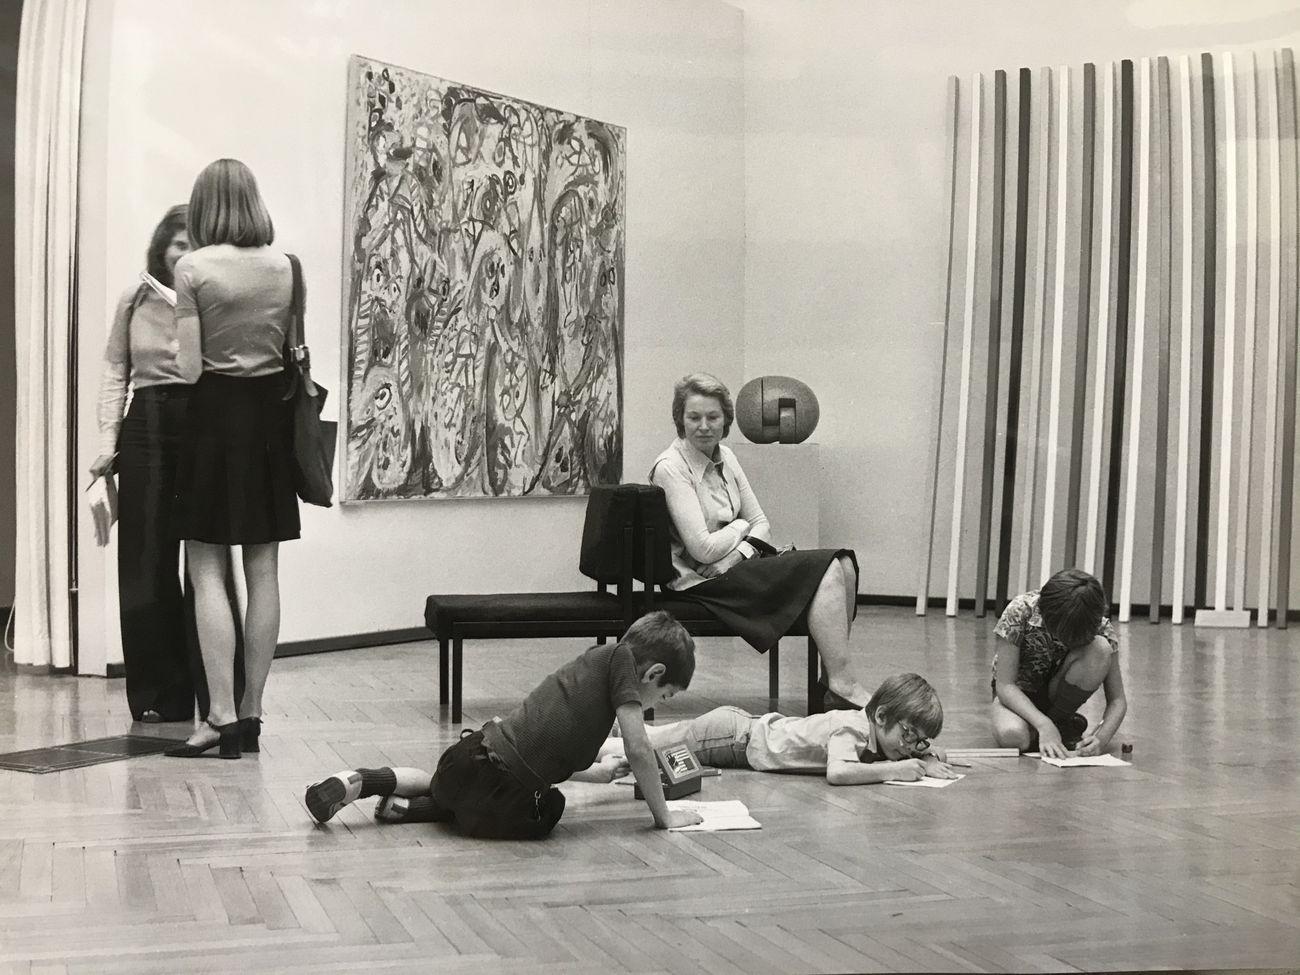 1974-1975. Laboratorio Didattico, Galleria Nazionale d'Arte Moderna e Contemporanea, Roma. Archivio GNAM